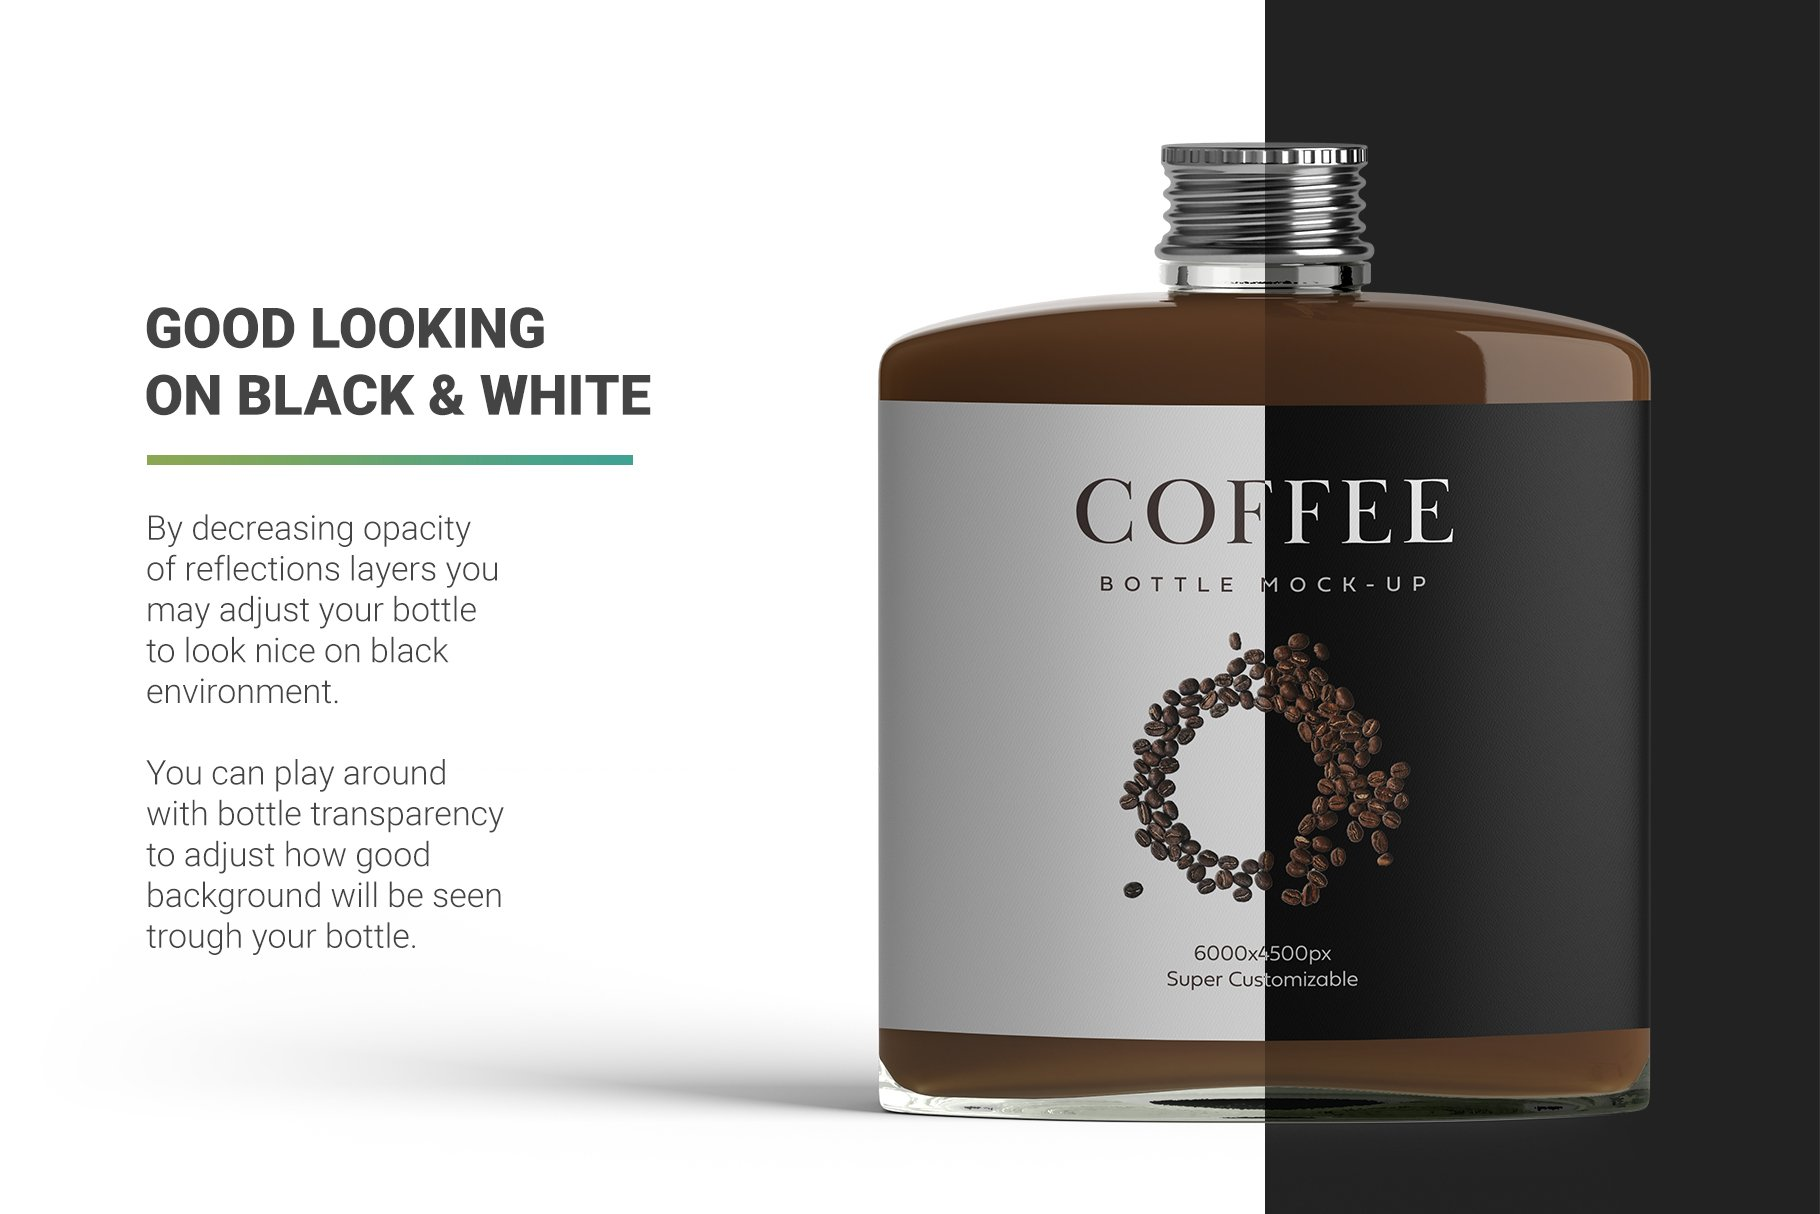 高品质冷冲咖啡包装瓶标签设计贴图样机 Coffee Bottle Mockup插图2